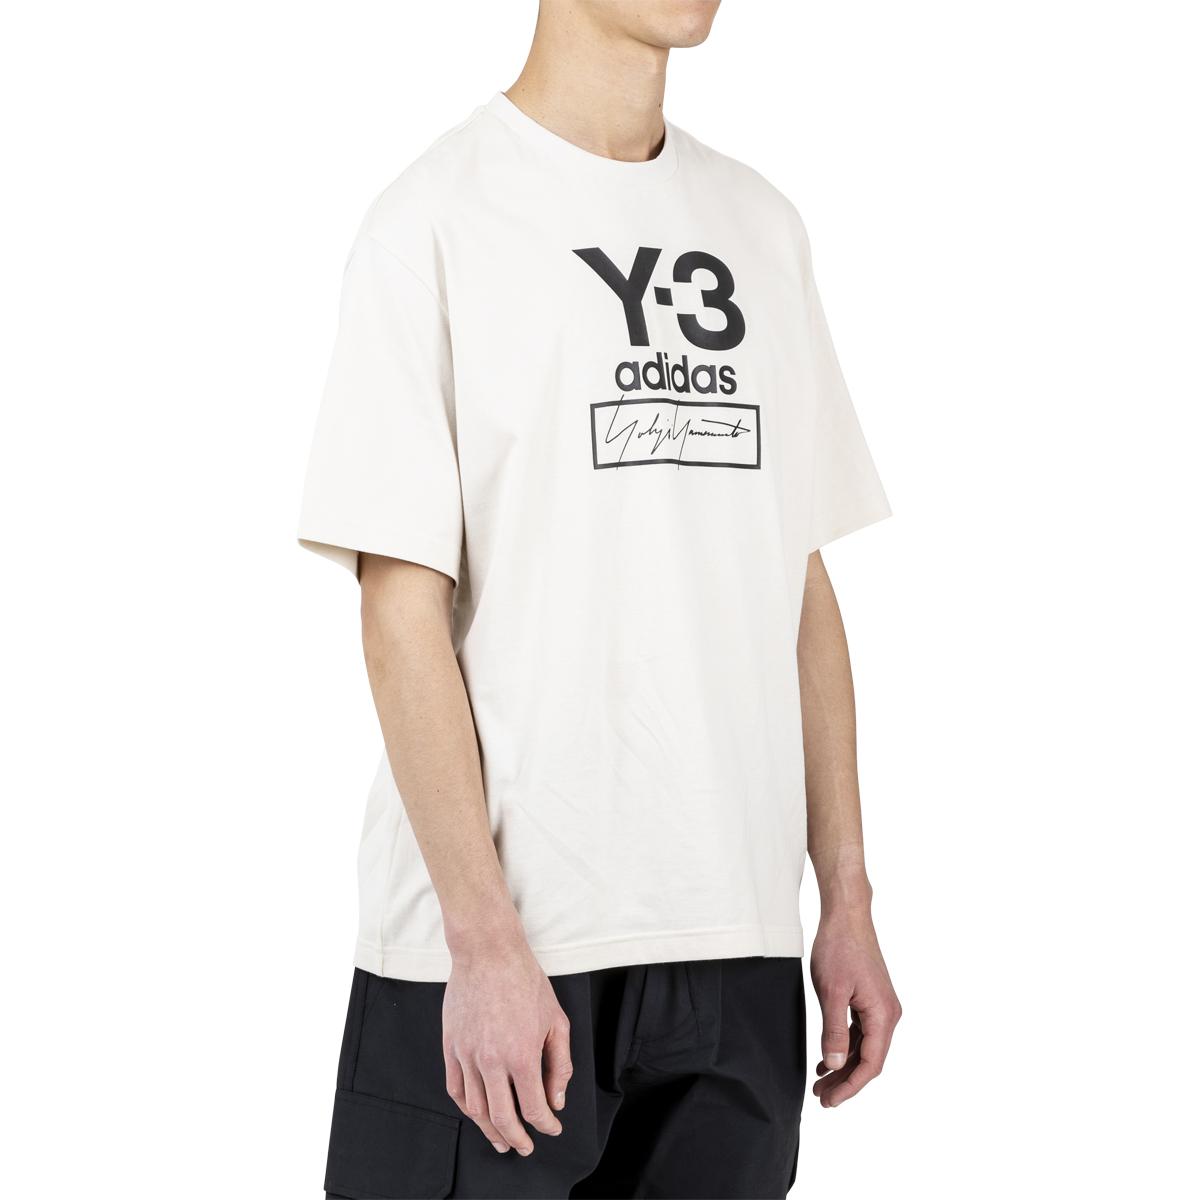 adidas Y-3 Stacked Logo Tee